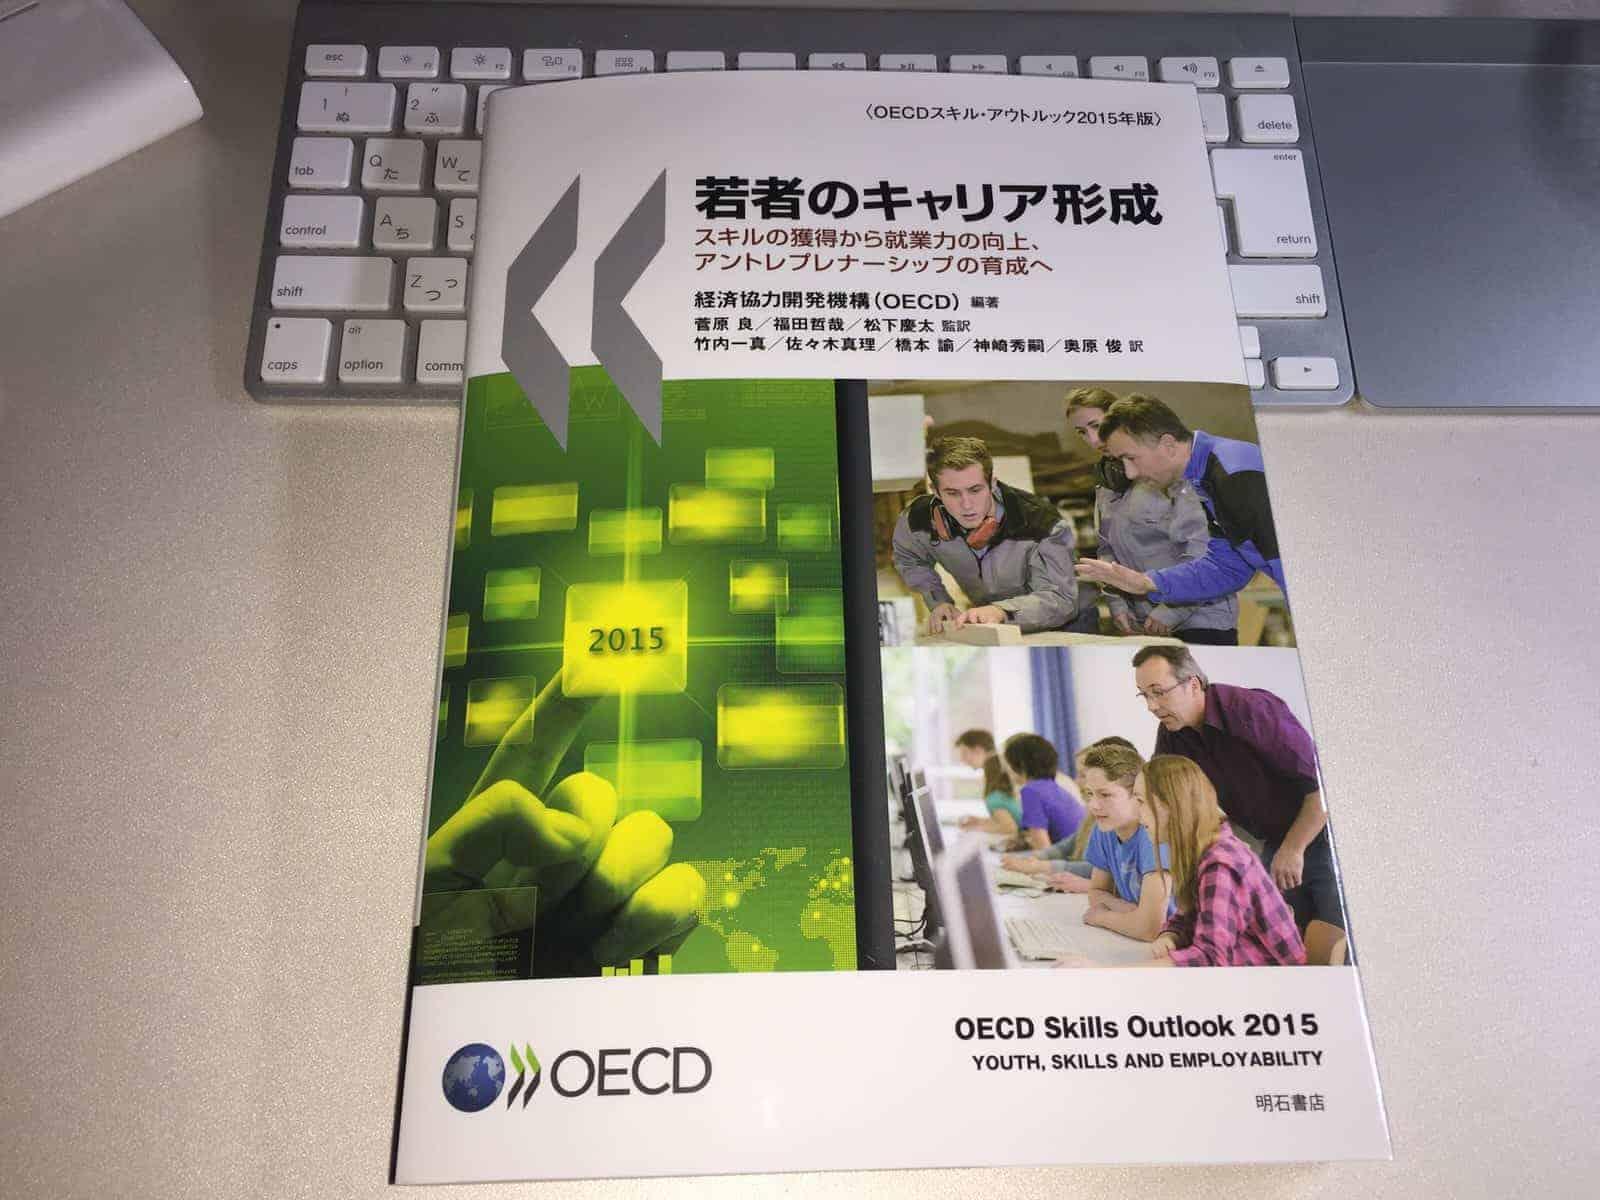 翻訳に参加したOECD「若者のキャリア形成」スキルの獲得から就業力の向上、アントレプレナーシップの育成へ が発売されました